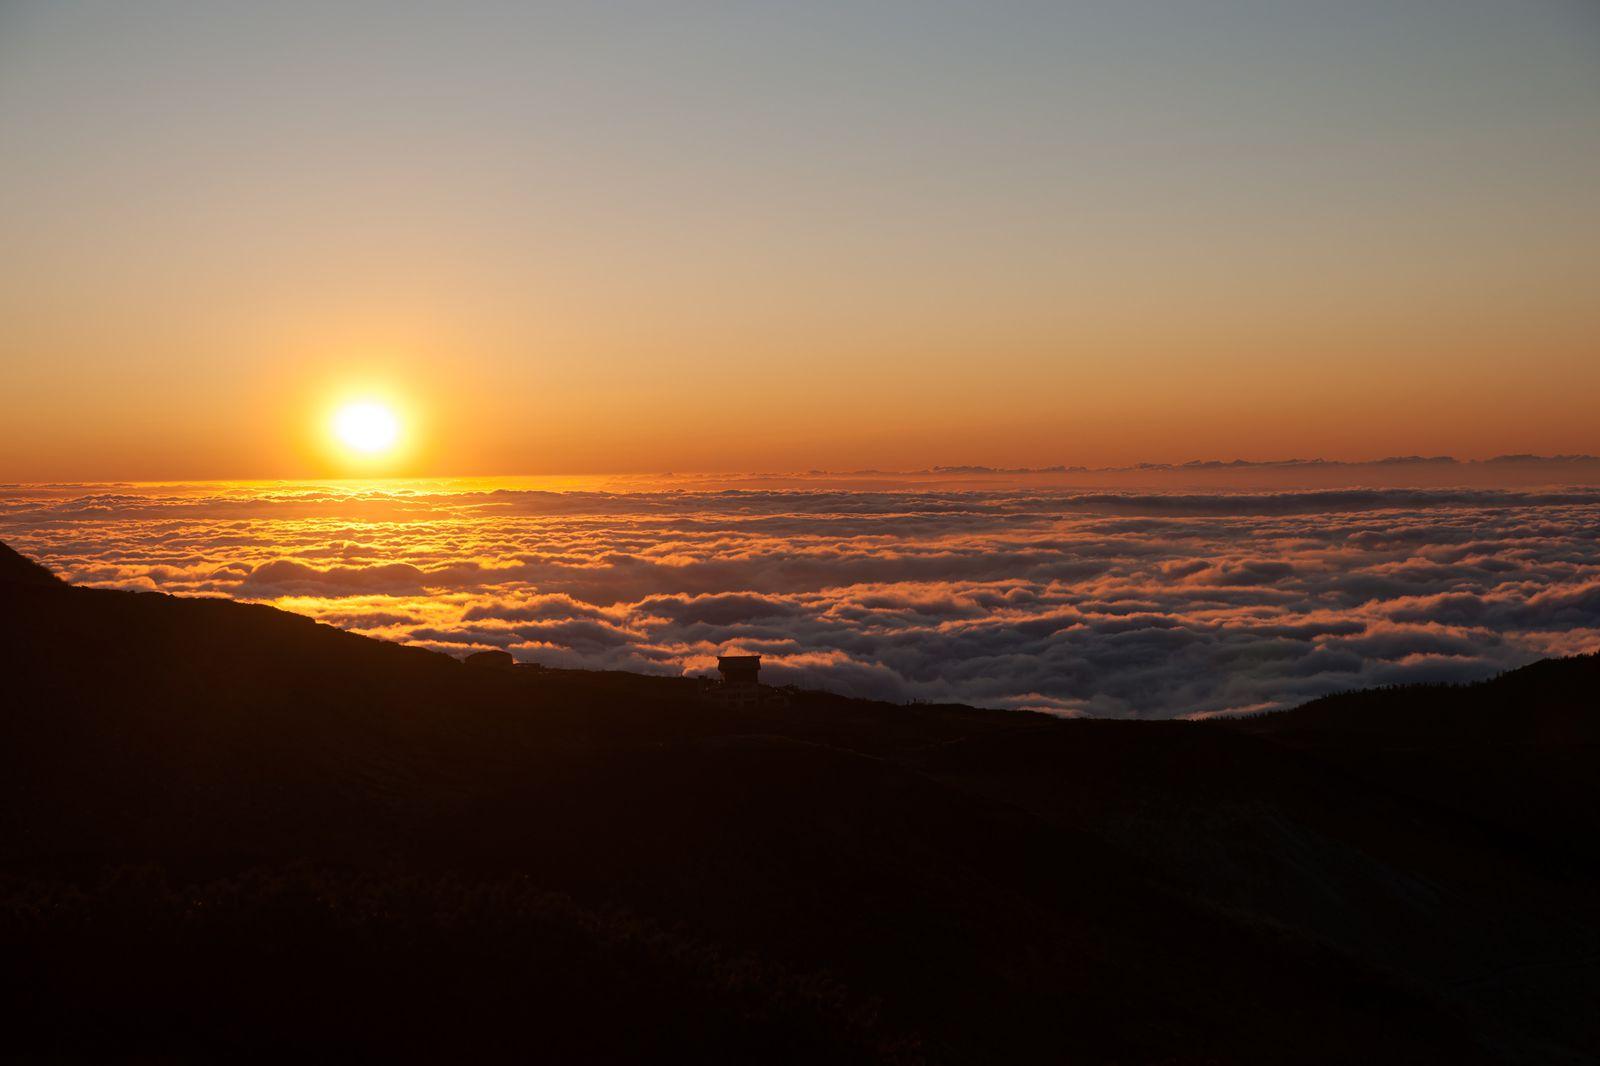 """特に雲海に夕日が沈んでいく""""マジックアワー""""は、最高に美しく心打たれるシーンです。雲にうつる陽光が、オレンジやピンク、紫など様々な色彩を見せる様子が、とっても素敵なんです。"""